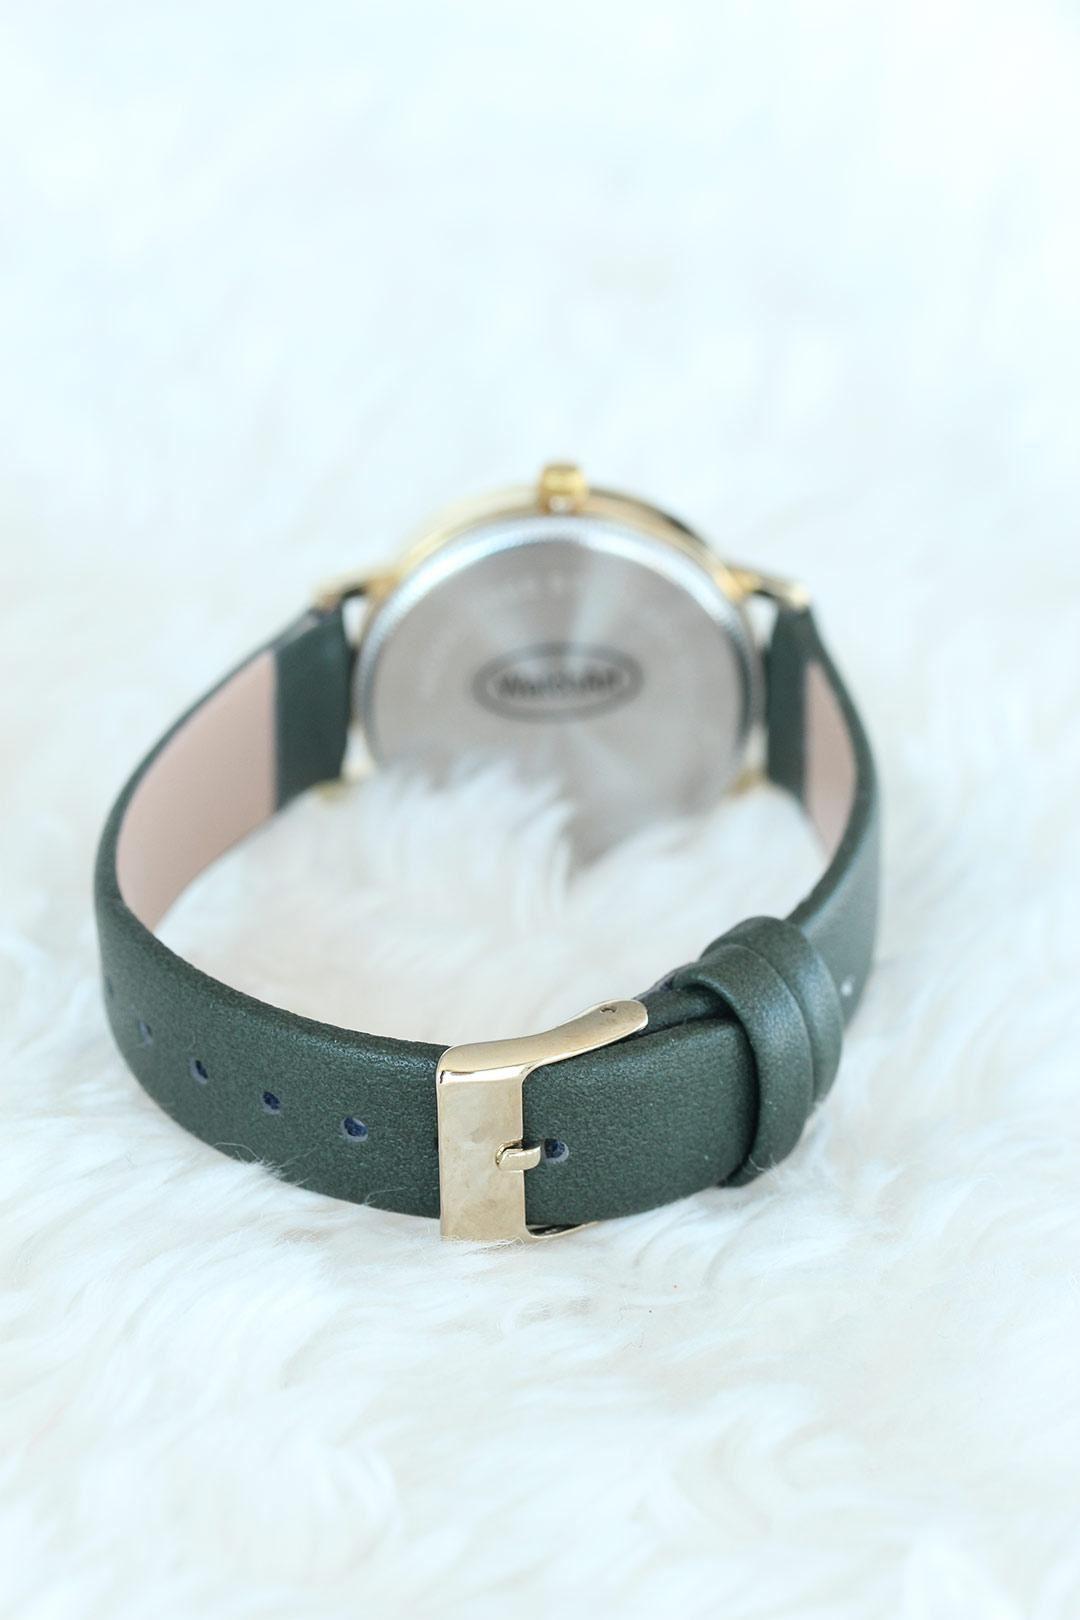 Yeşil Deri Kordon Gold Kasalı Bayan Saat